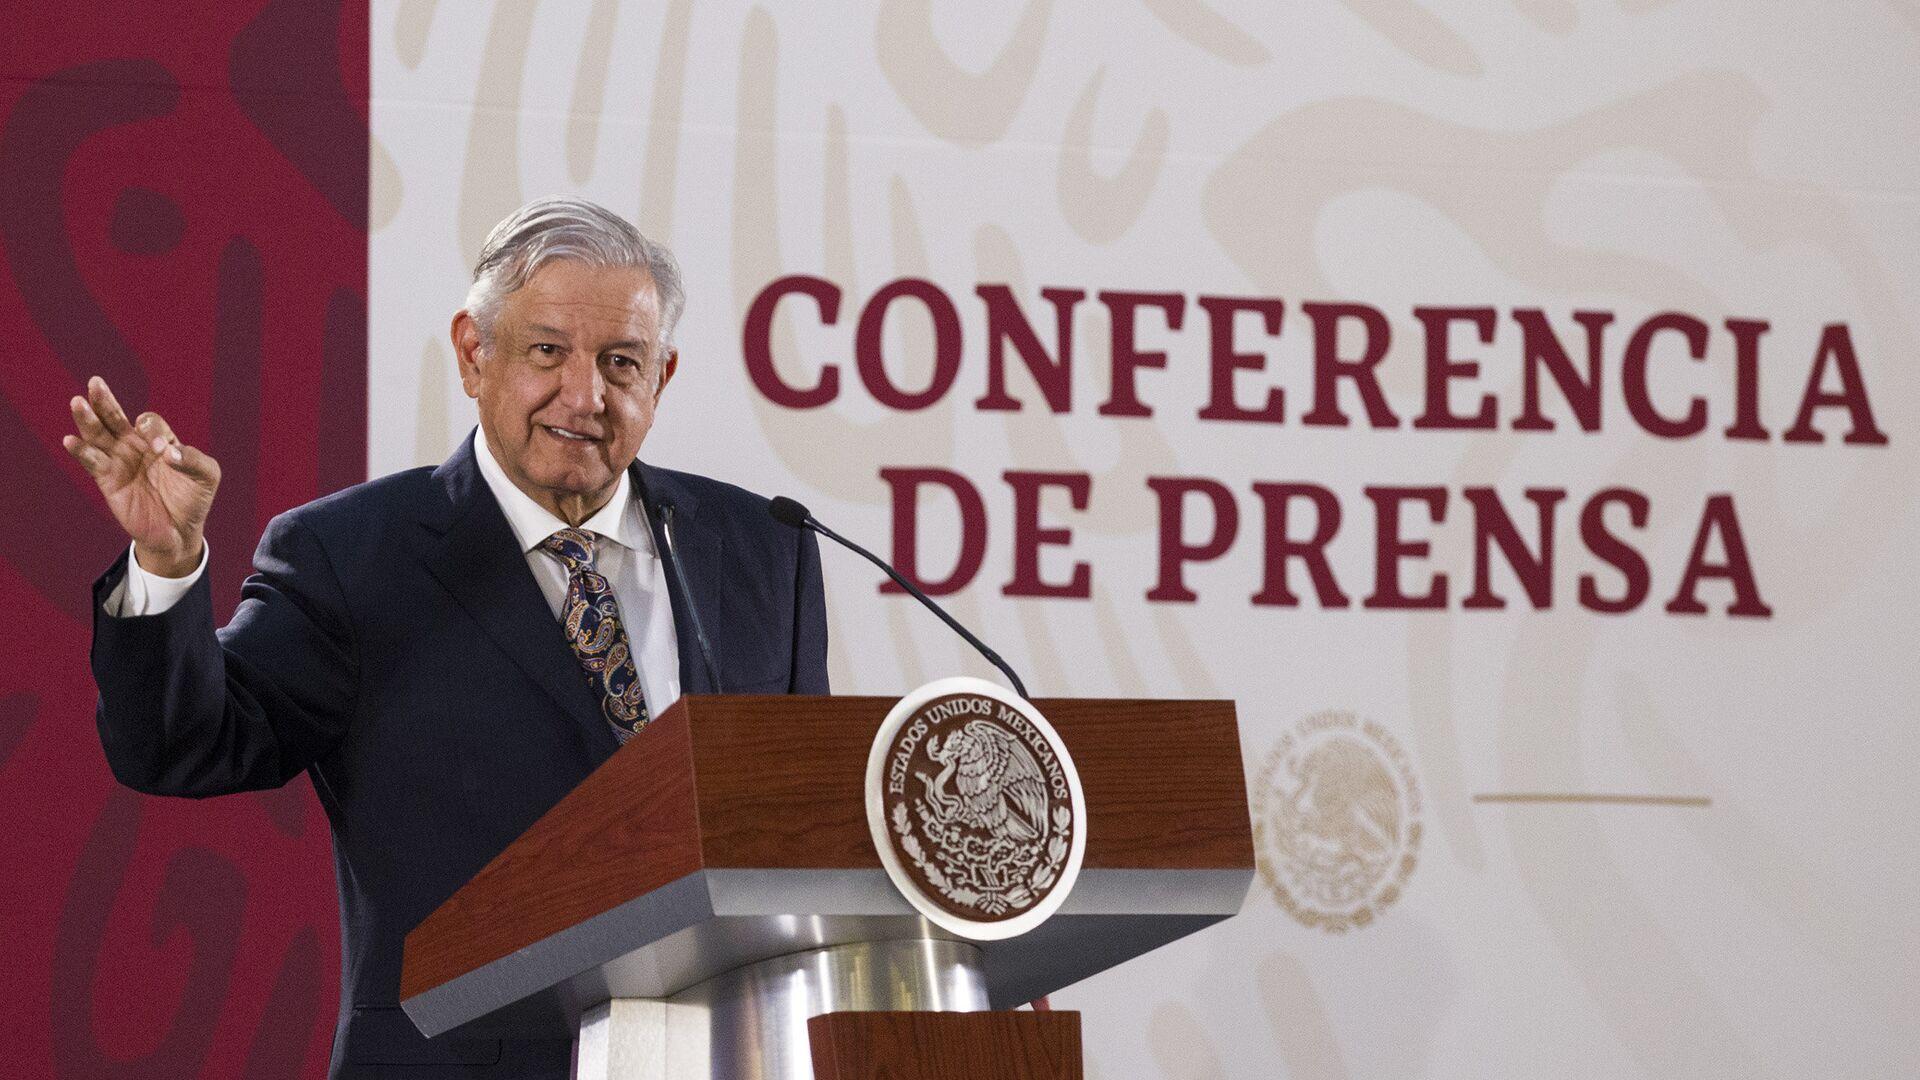 Andrés Manuel López Obrador, presidente de México - Sputnik Mundo, 1920, 15.09.2021